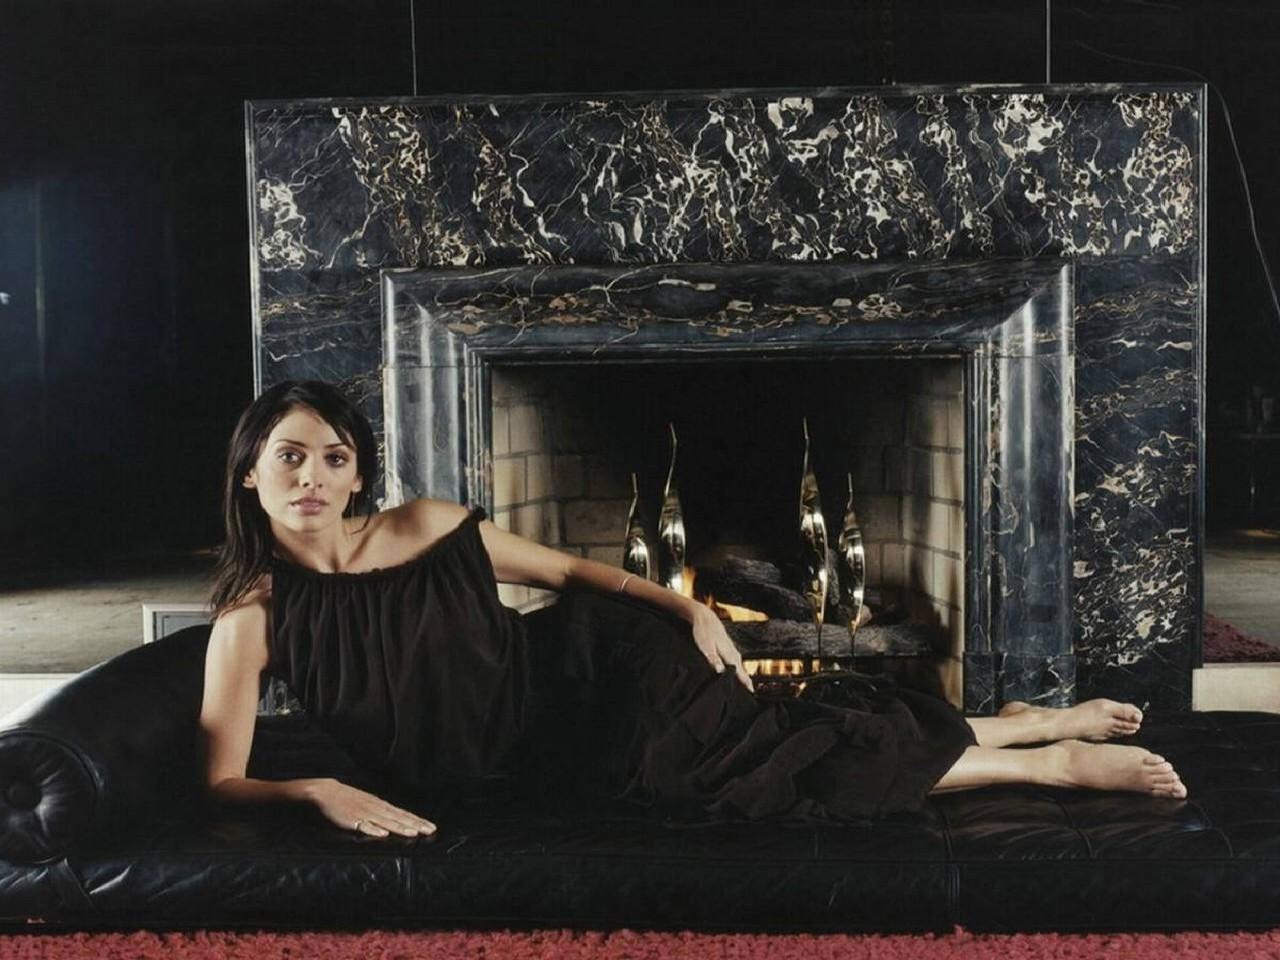 Wallpaper di Natalie Imbruglia distesa di fronte a un camino